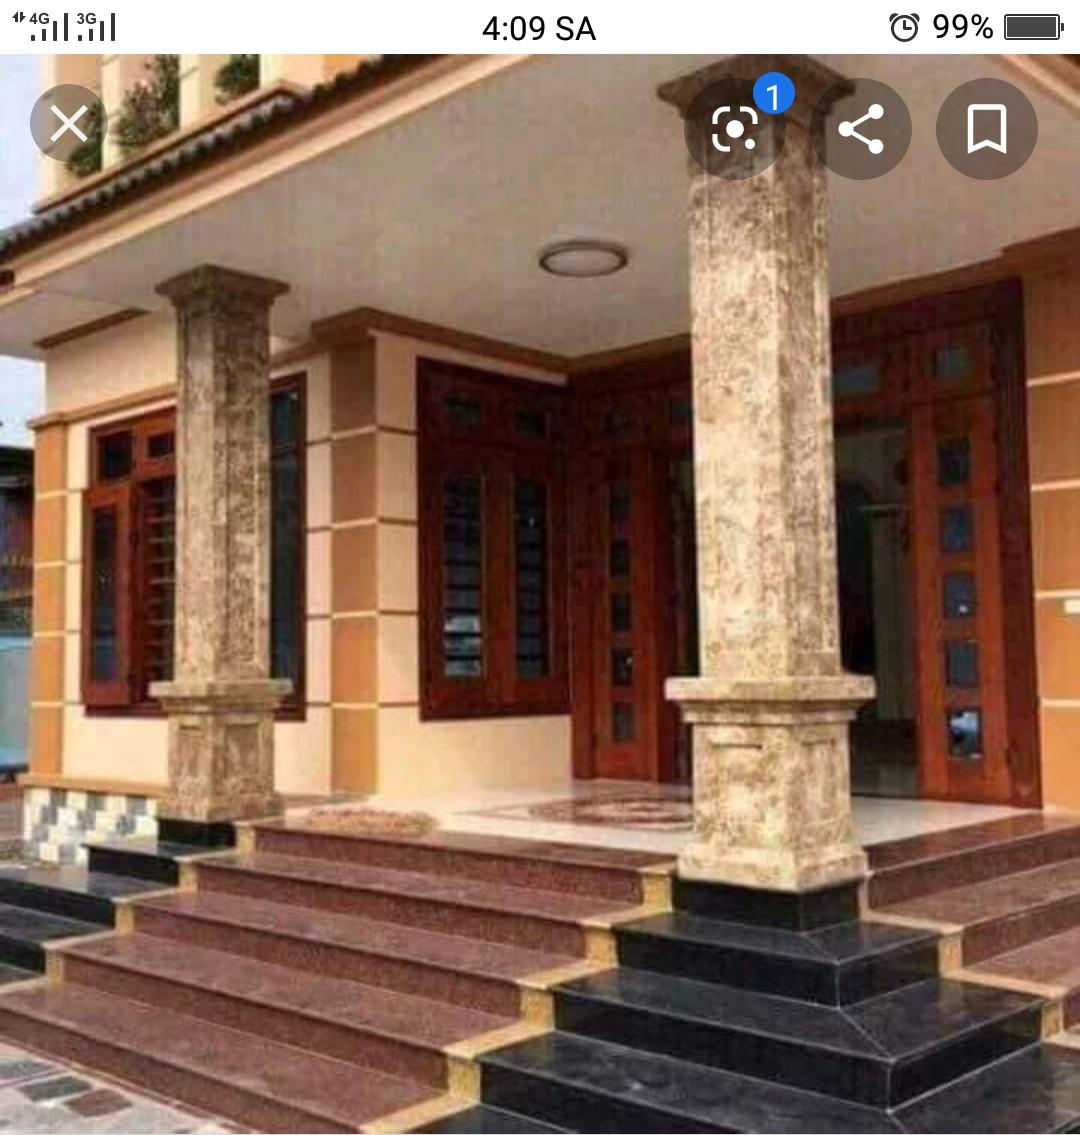 Công trình ốp đá Biệt Thự Chị Quỳnh Quận 2, Hồ Chí Minh